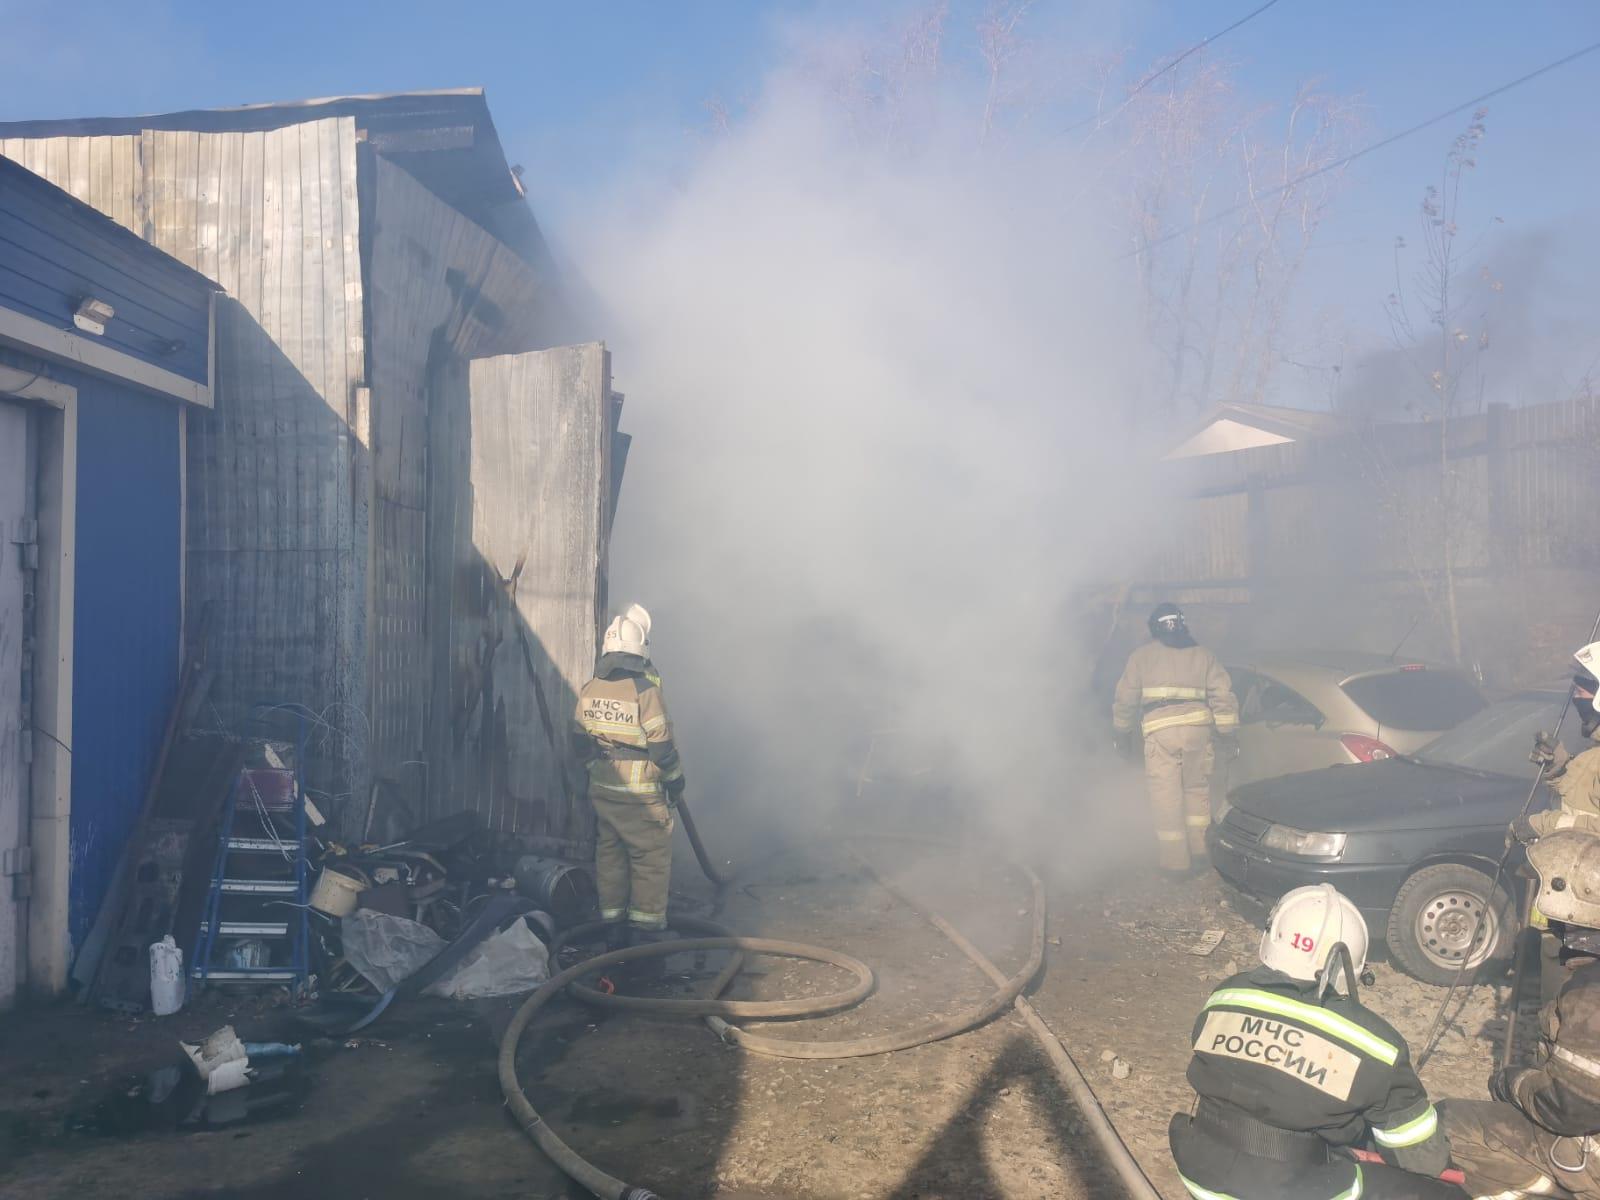 В Екатеринбурге из-за пожара в автосервисе сгорели 3 автомобиля